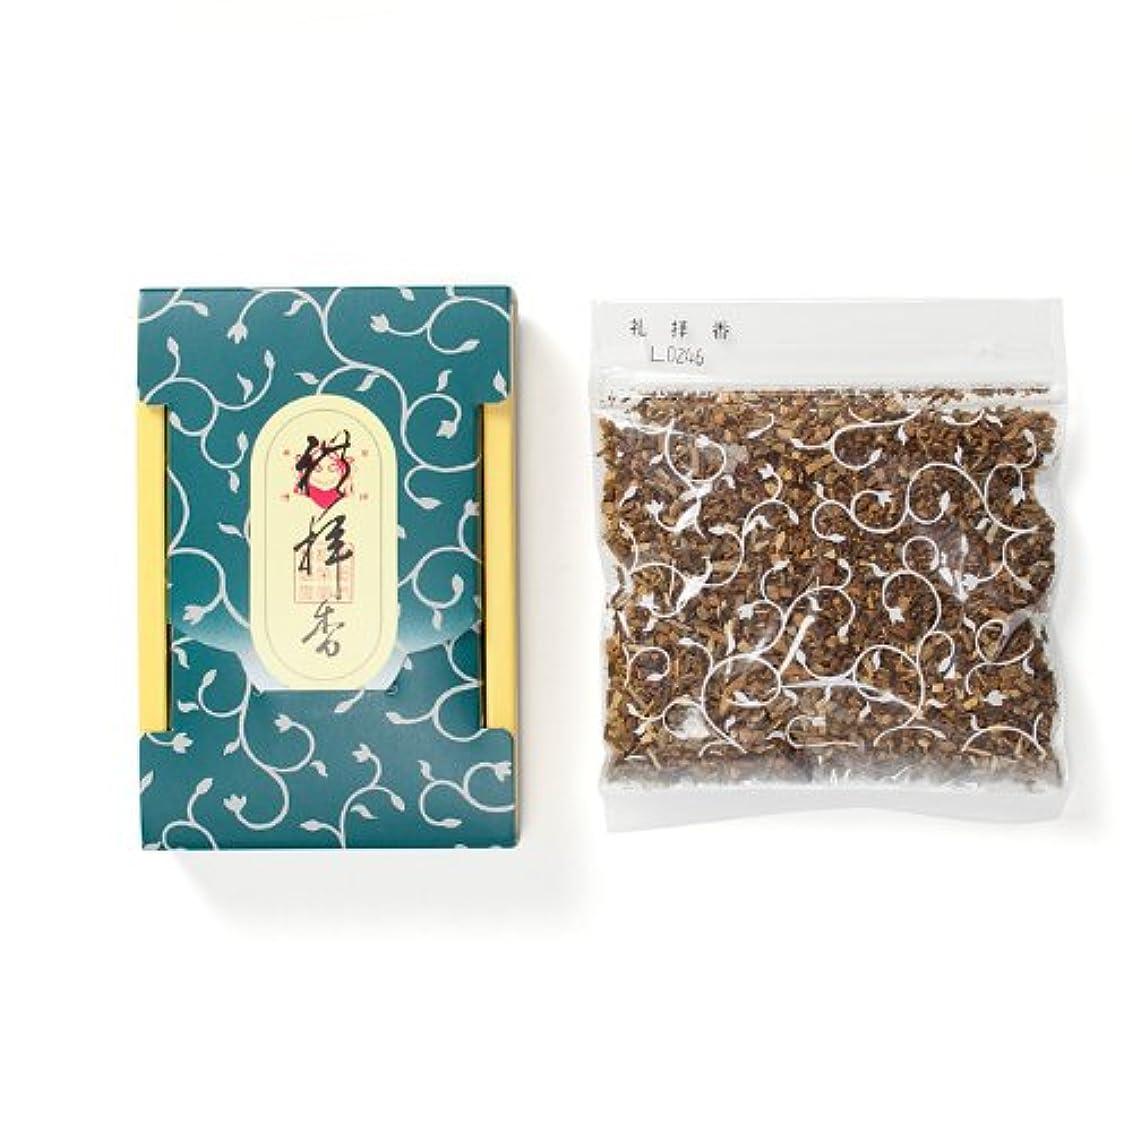 飼い慣らす抜け目のないクラックポット松栄堂のお焼香 礼拝香 25g詰 小箱入 #410541